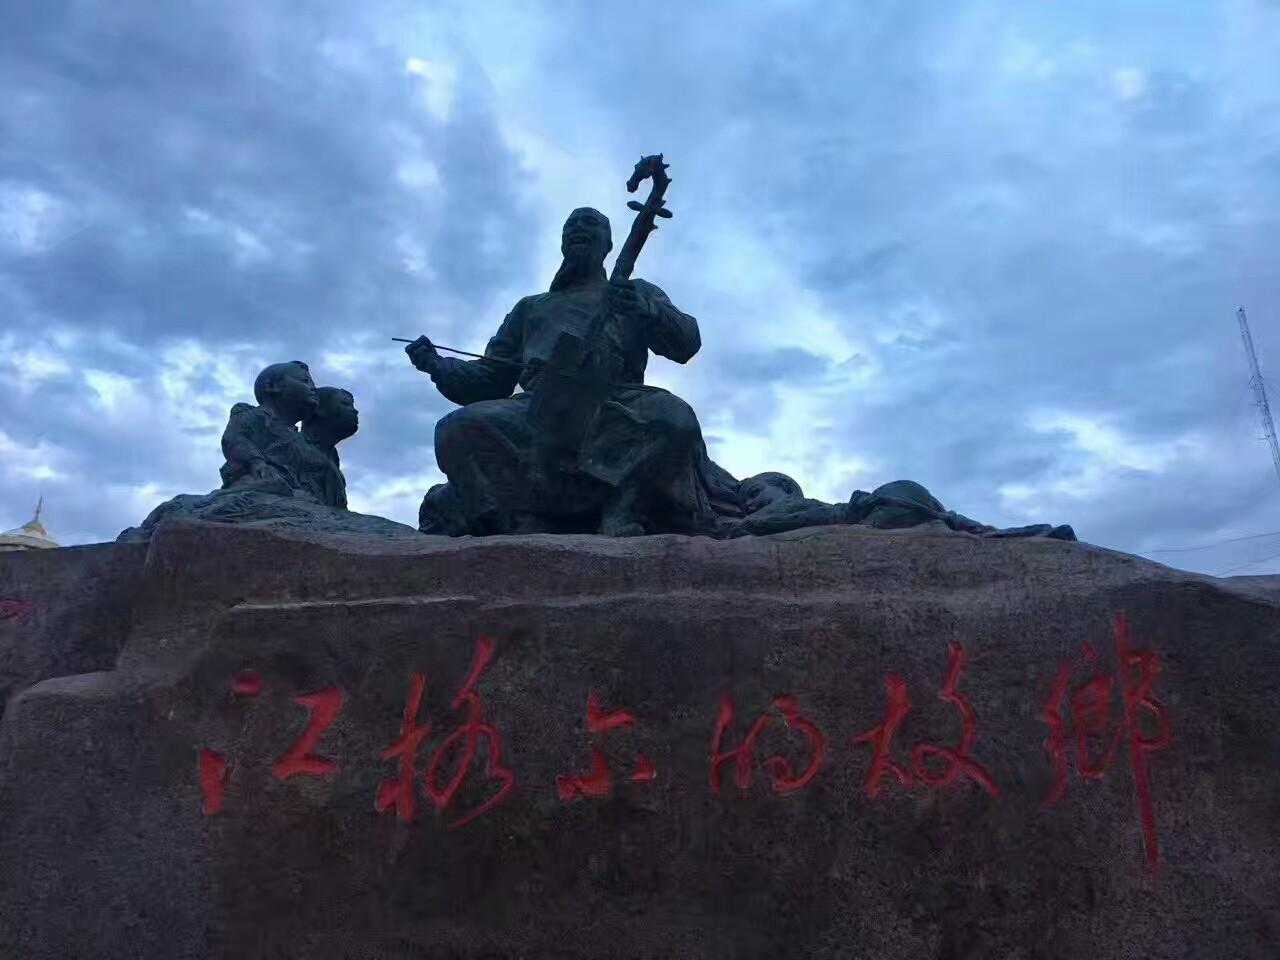 在草原望北京 青春舞曲 每一首歌都是一处美丽的风景图片